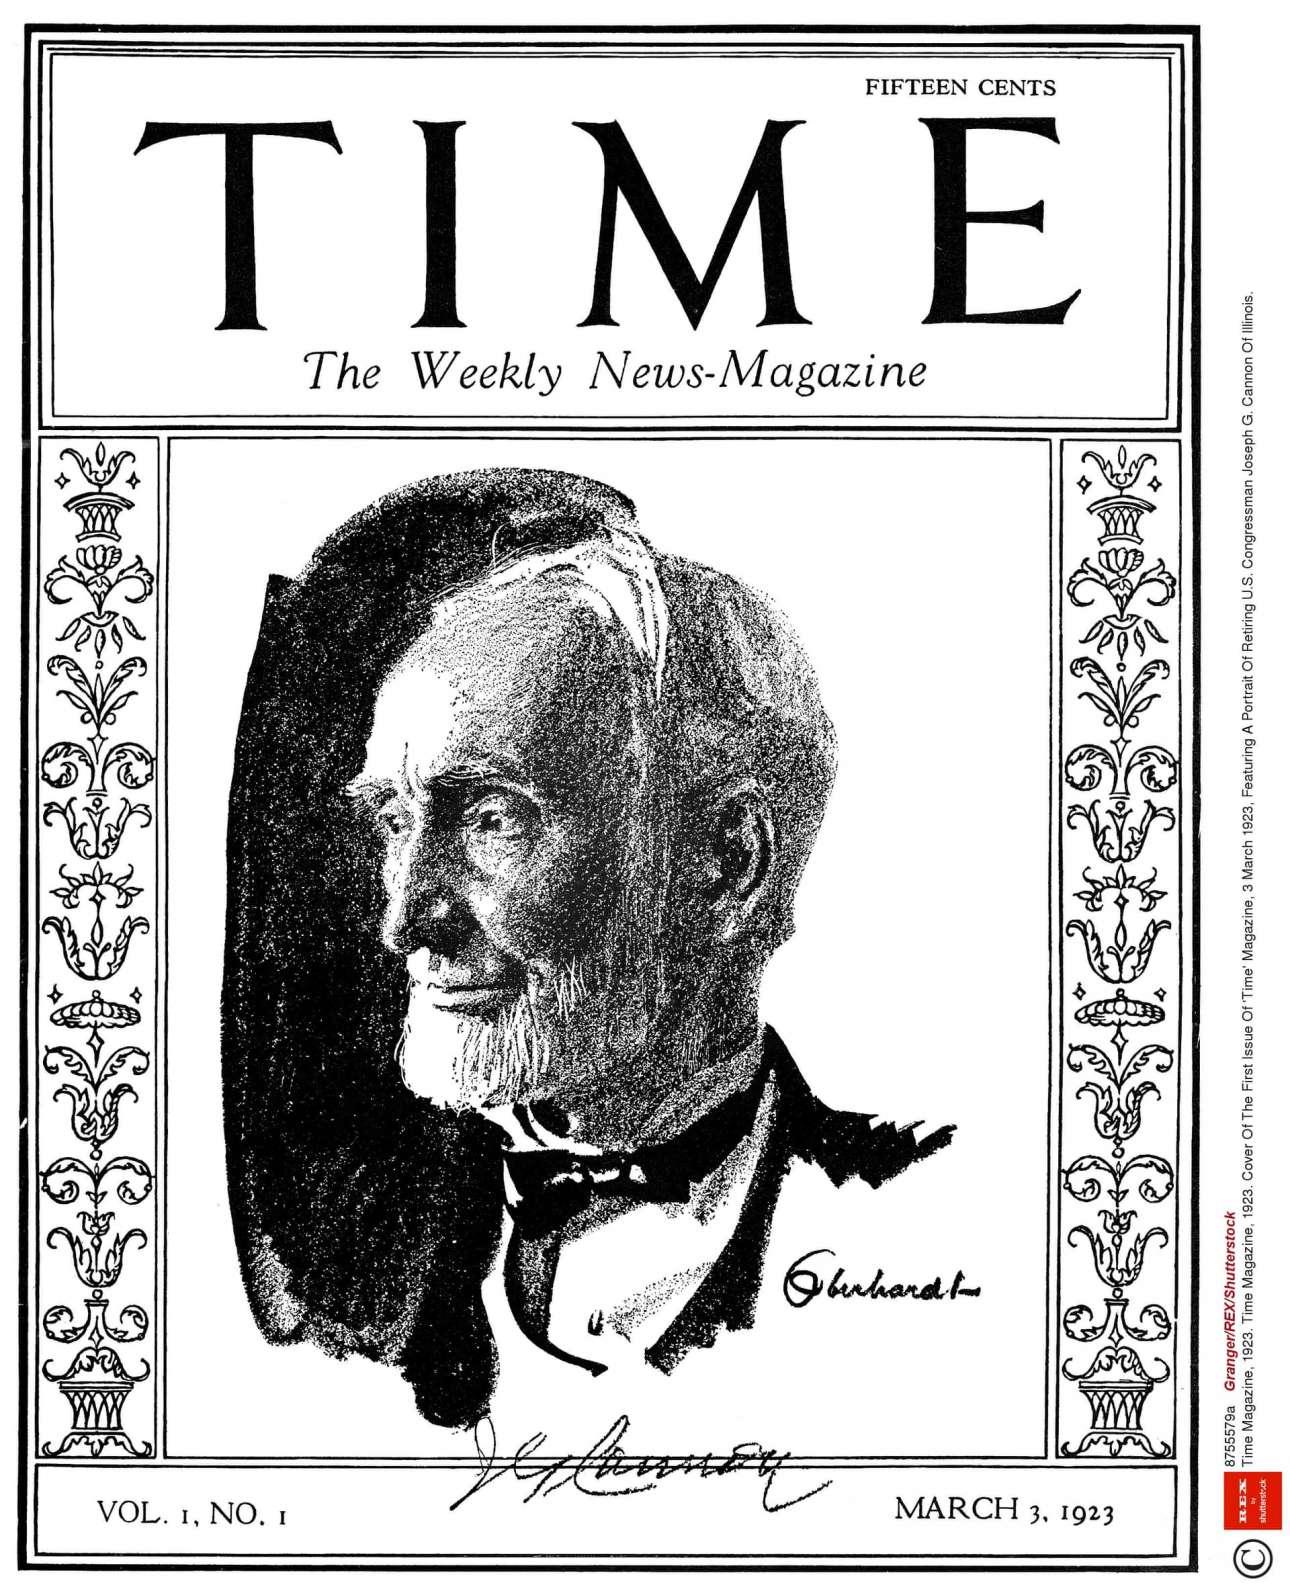 Χωρίς να είναι κάτι εντυπωσιακό, το πρώτο εξώφυλλο του Time στις 3 Μαρτίου 1923 εικόνιζε τον βουλευτή από το Ιλινόι Τζόζεφ Κάνον που μόλις είχε ανακοινώσει ότι αποσύρεται έχοντας συμπληρώσει σχεδόν 50 χρόνια στο Κογκρέσο